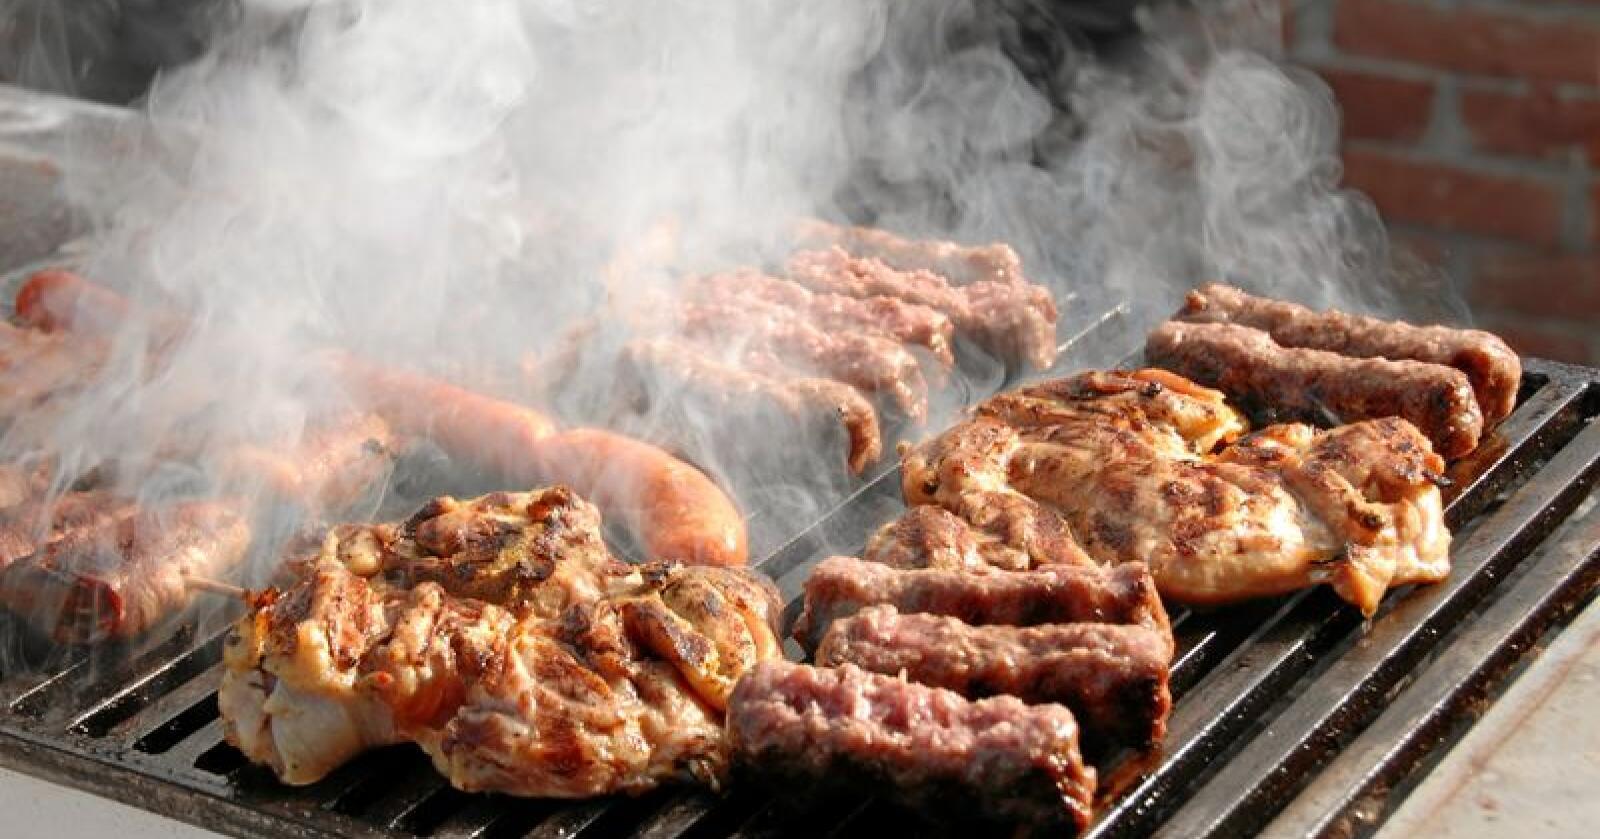 Dersom kjøttforbruket kuttes drastisk, kan også klimagassutslippene fra landbruk gå ned ganske kraftig, viser ny rapport. Foto: Colourbox / Julija Sapic